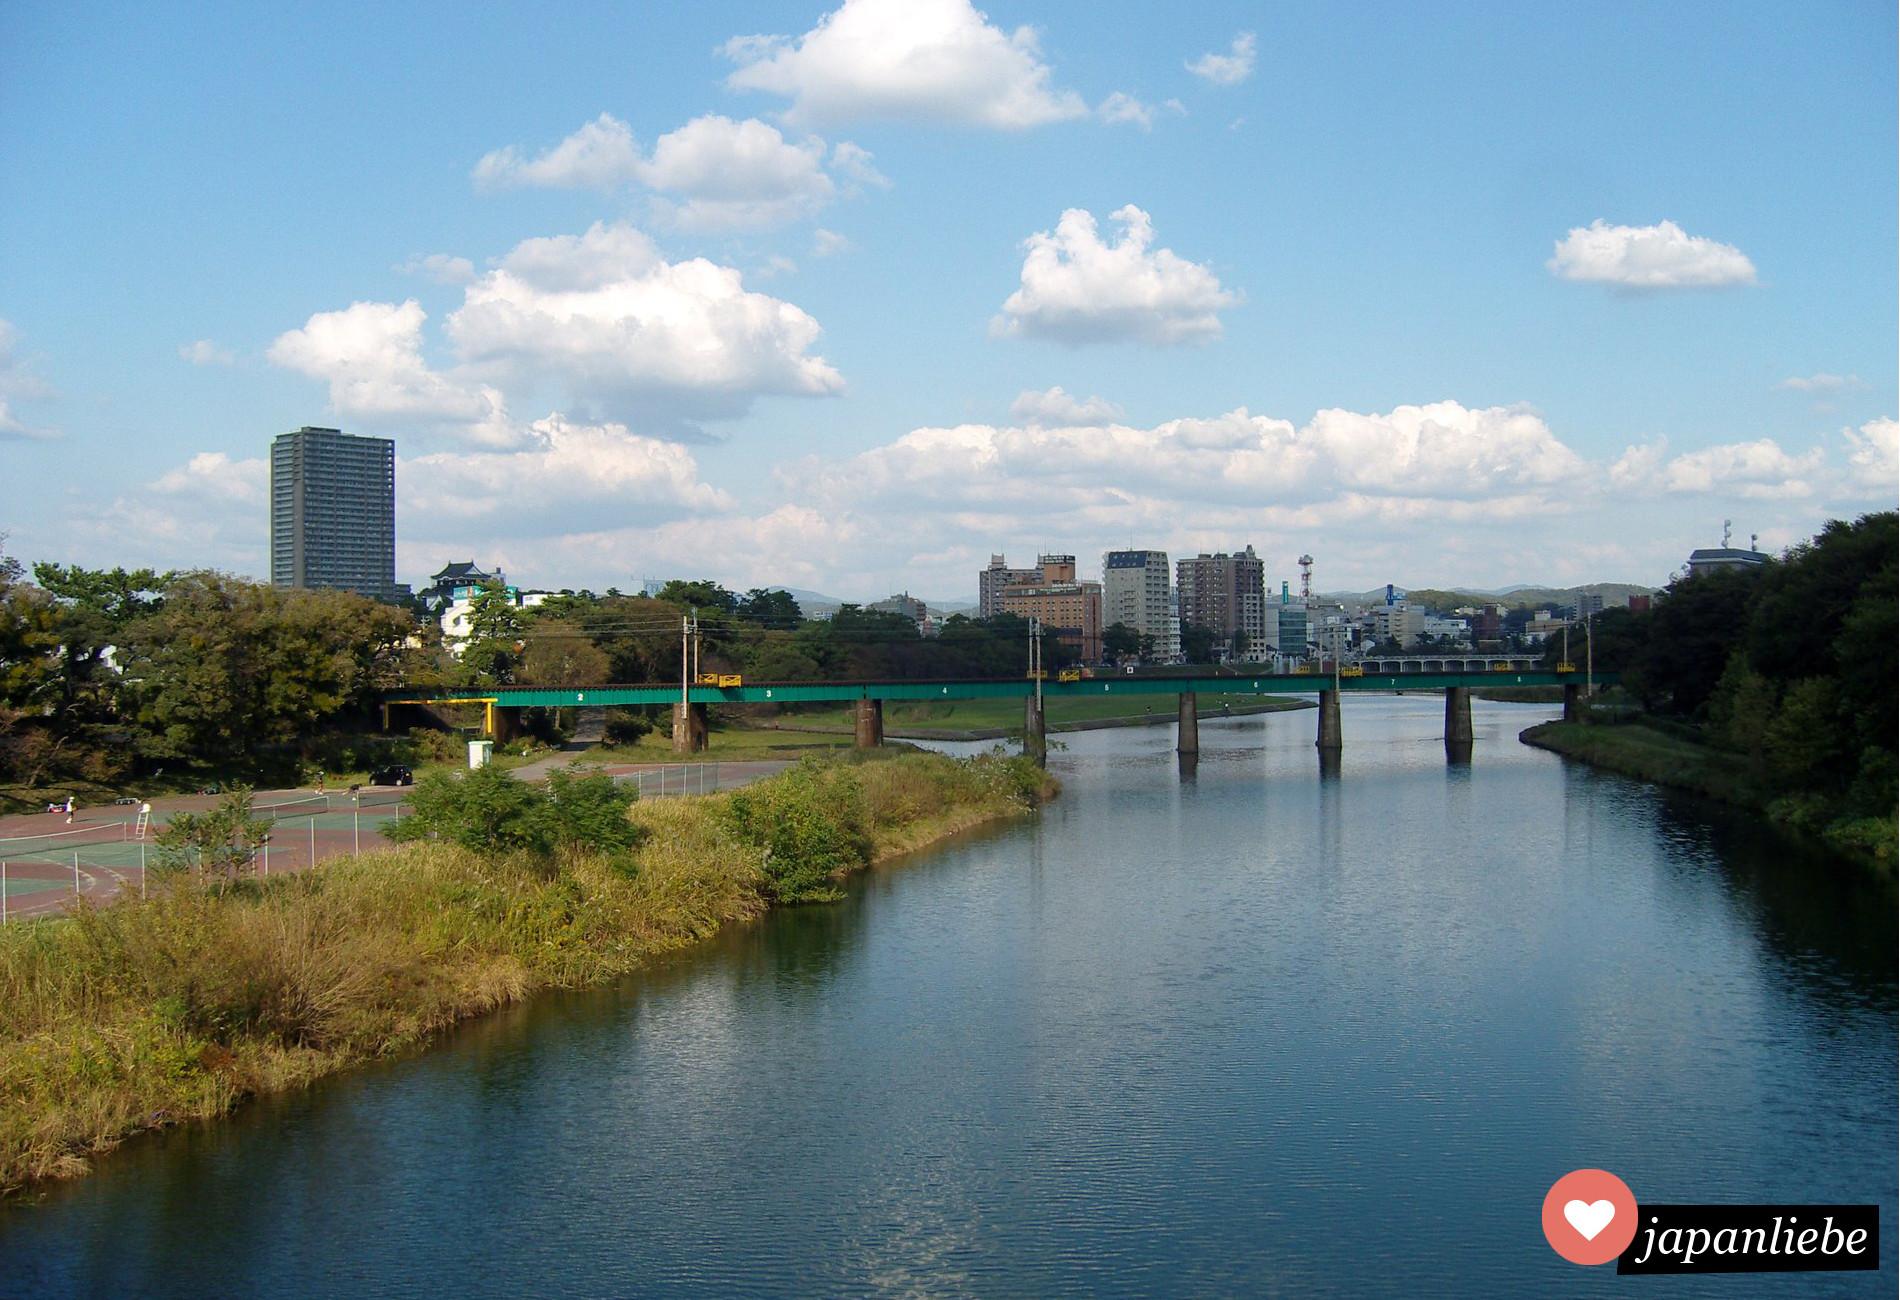 Das Flussufer in Okazaki sieht genau aus, wie Japan in Animes immer gezeigt wird